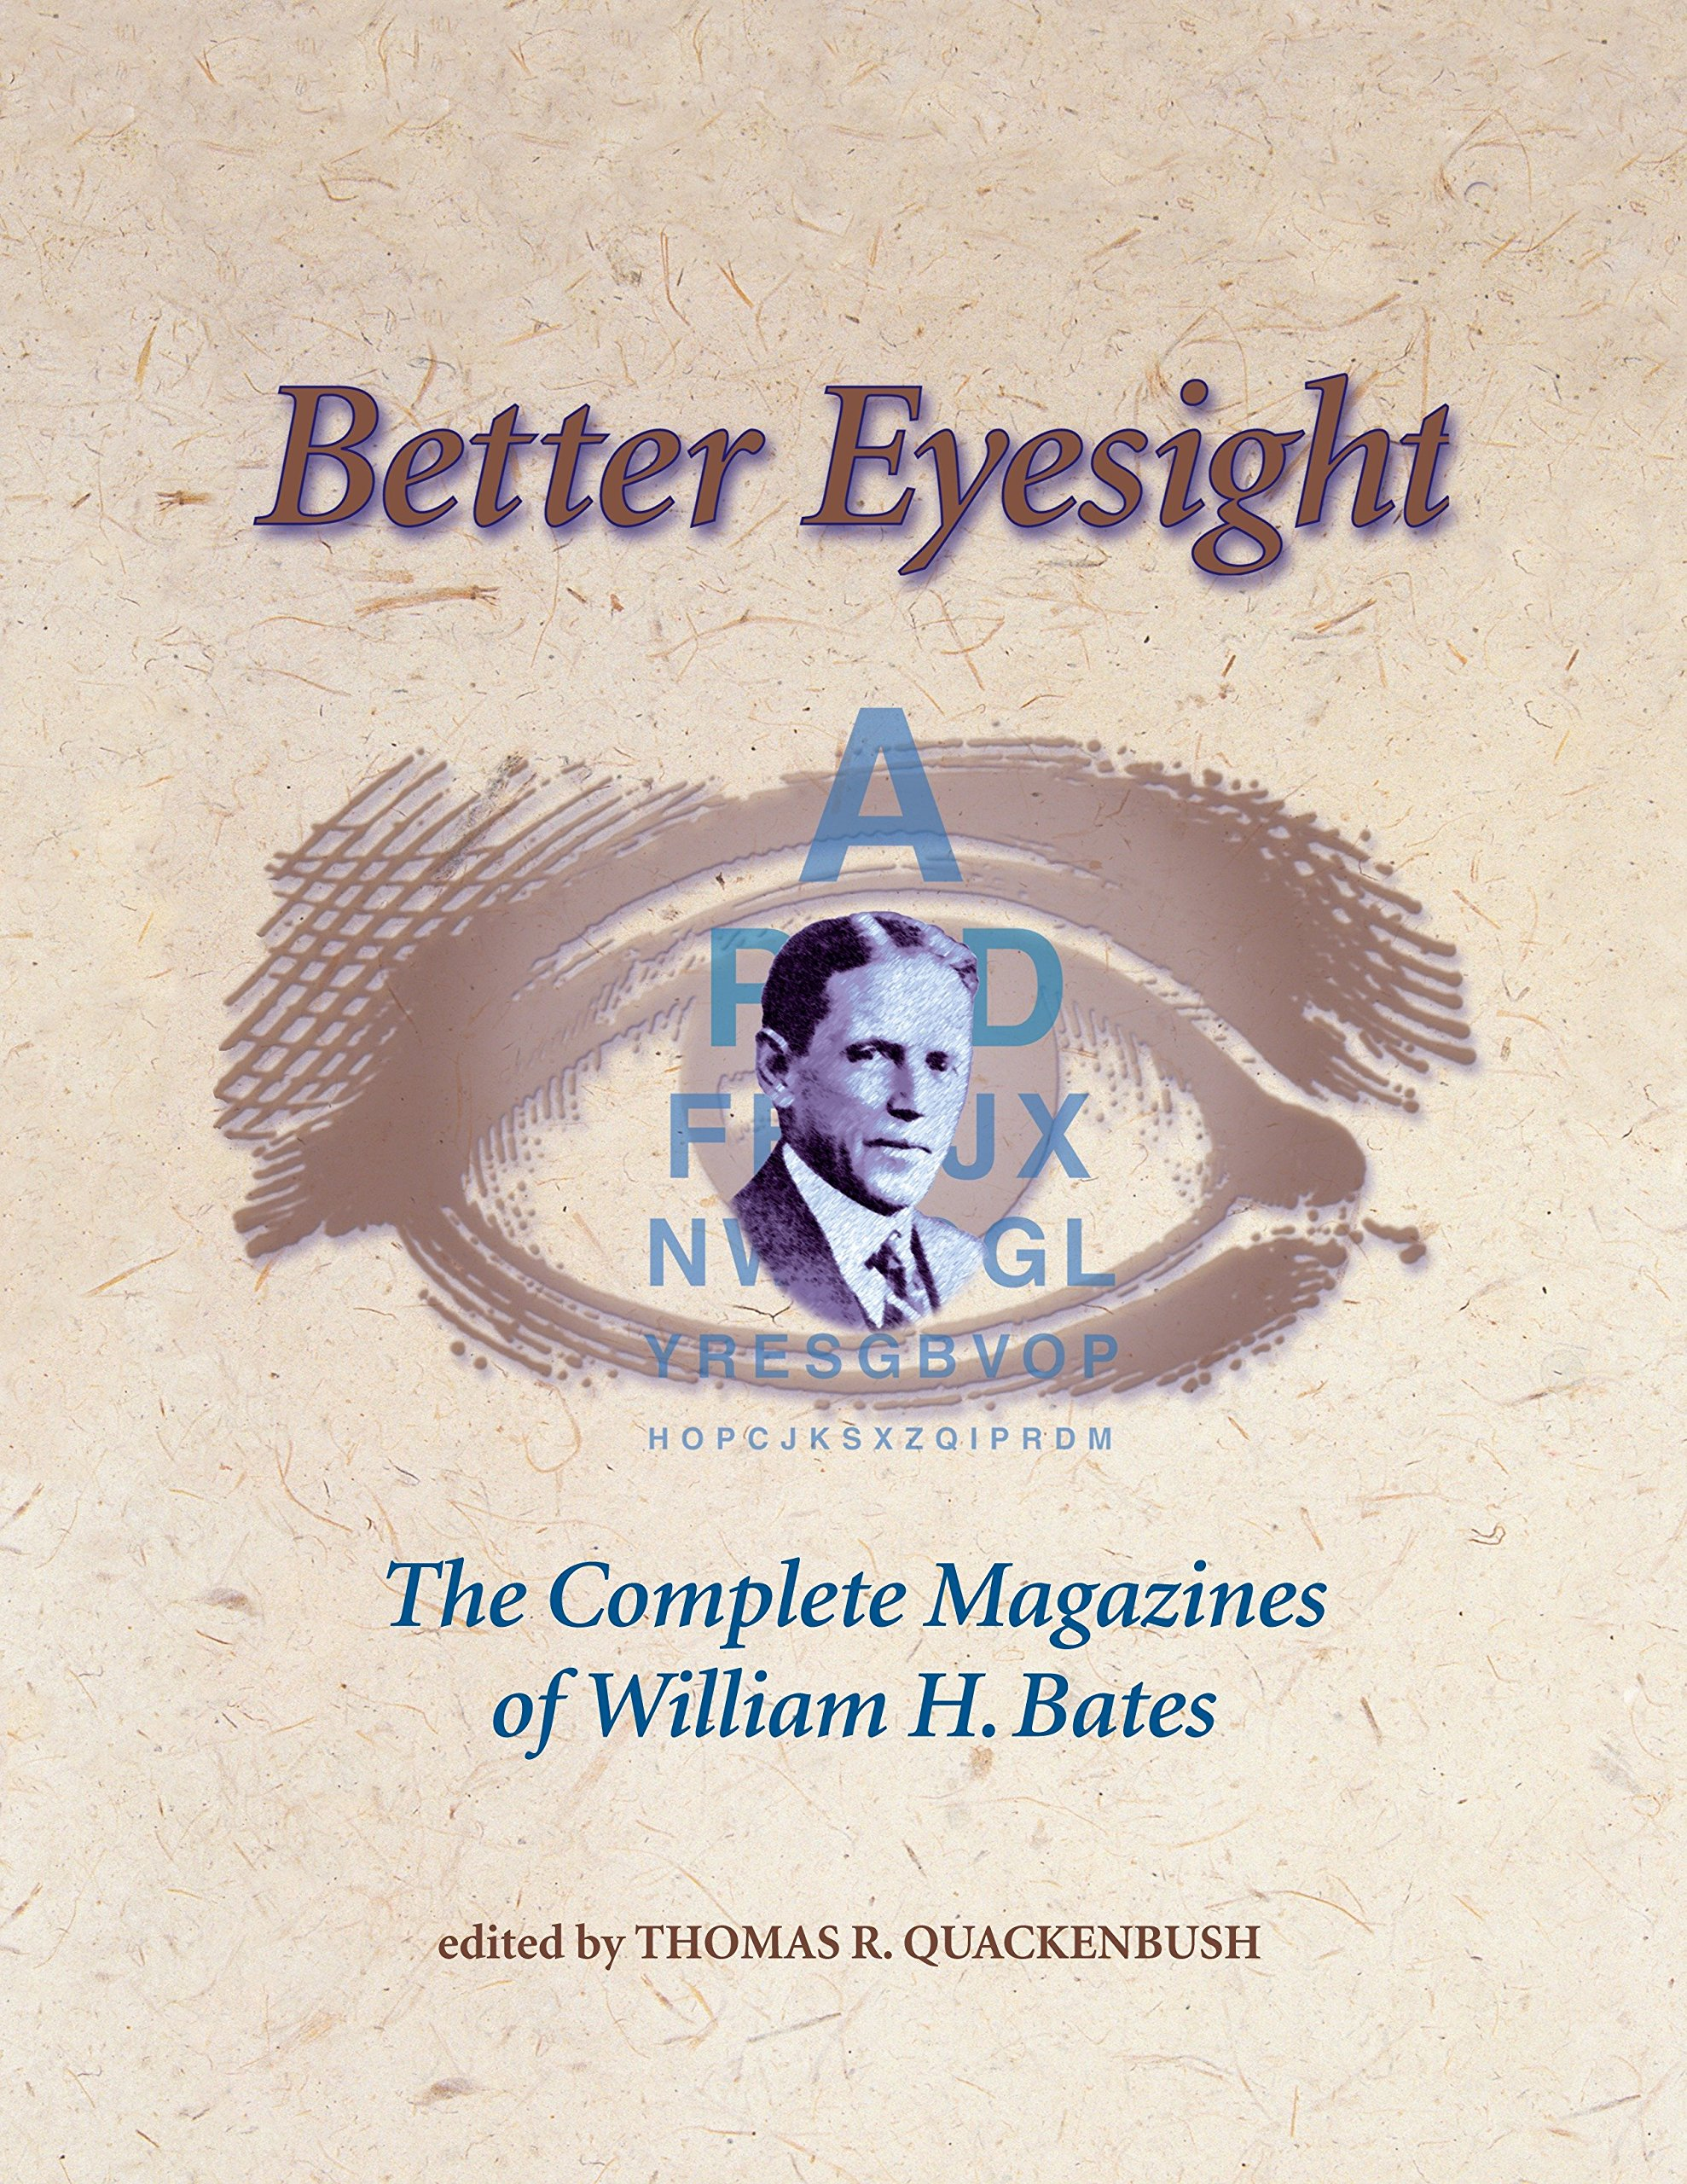 viziune îmbunătățită Dr bates)